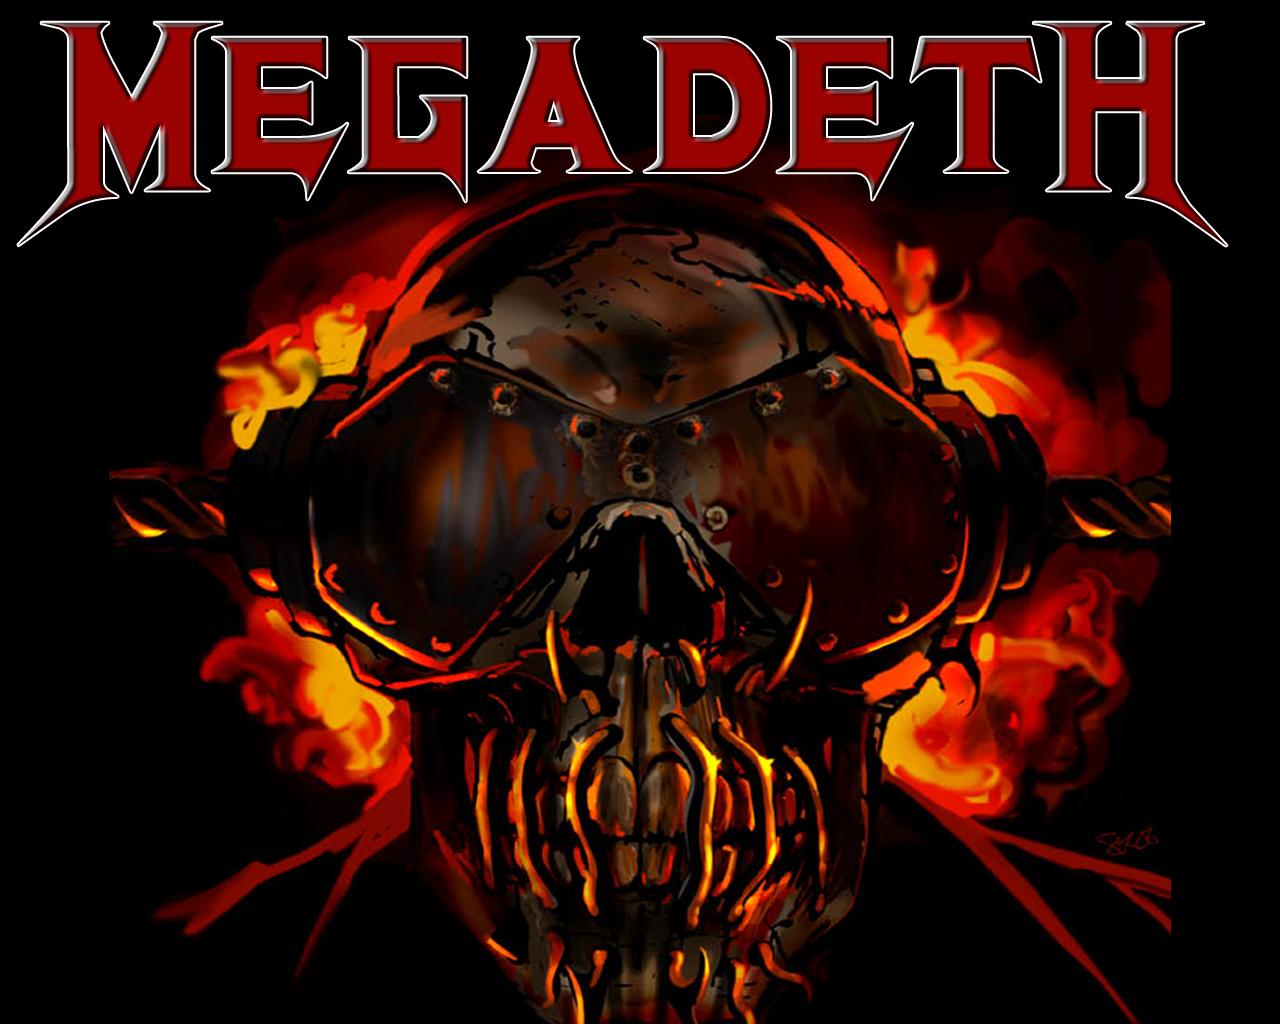 http://2.bp.blogspot.com/-uDwl9IPGRns/TrceB8BTwRI/AAAAAAAABuQ/Od5KDyi6OXQ/s1600/Megadeth_Wallpaper_by_Tinchovsky.png